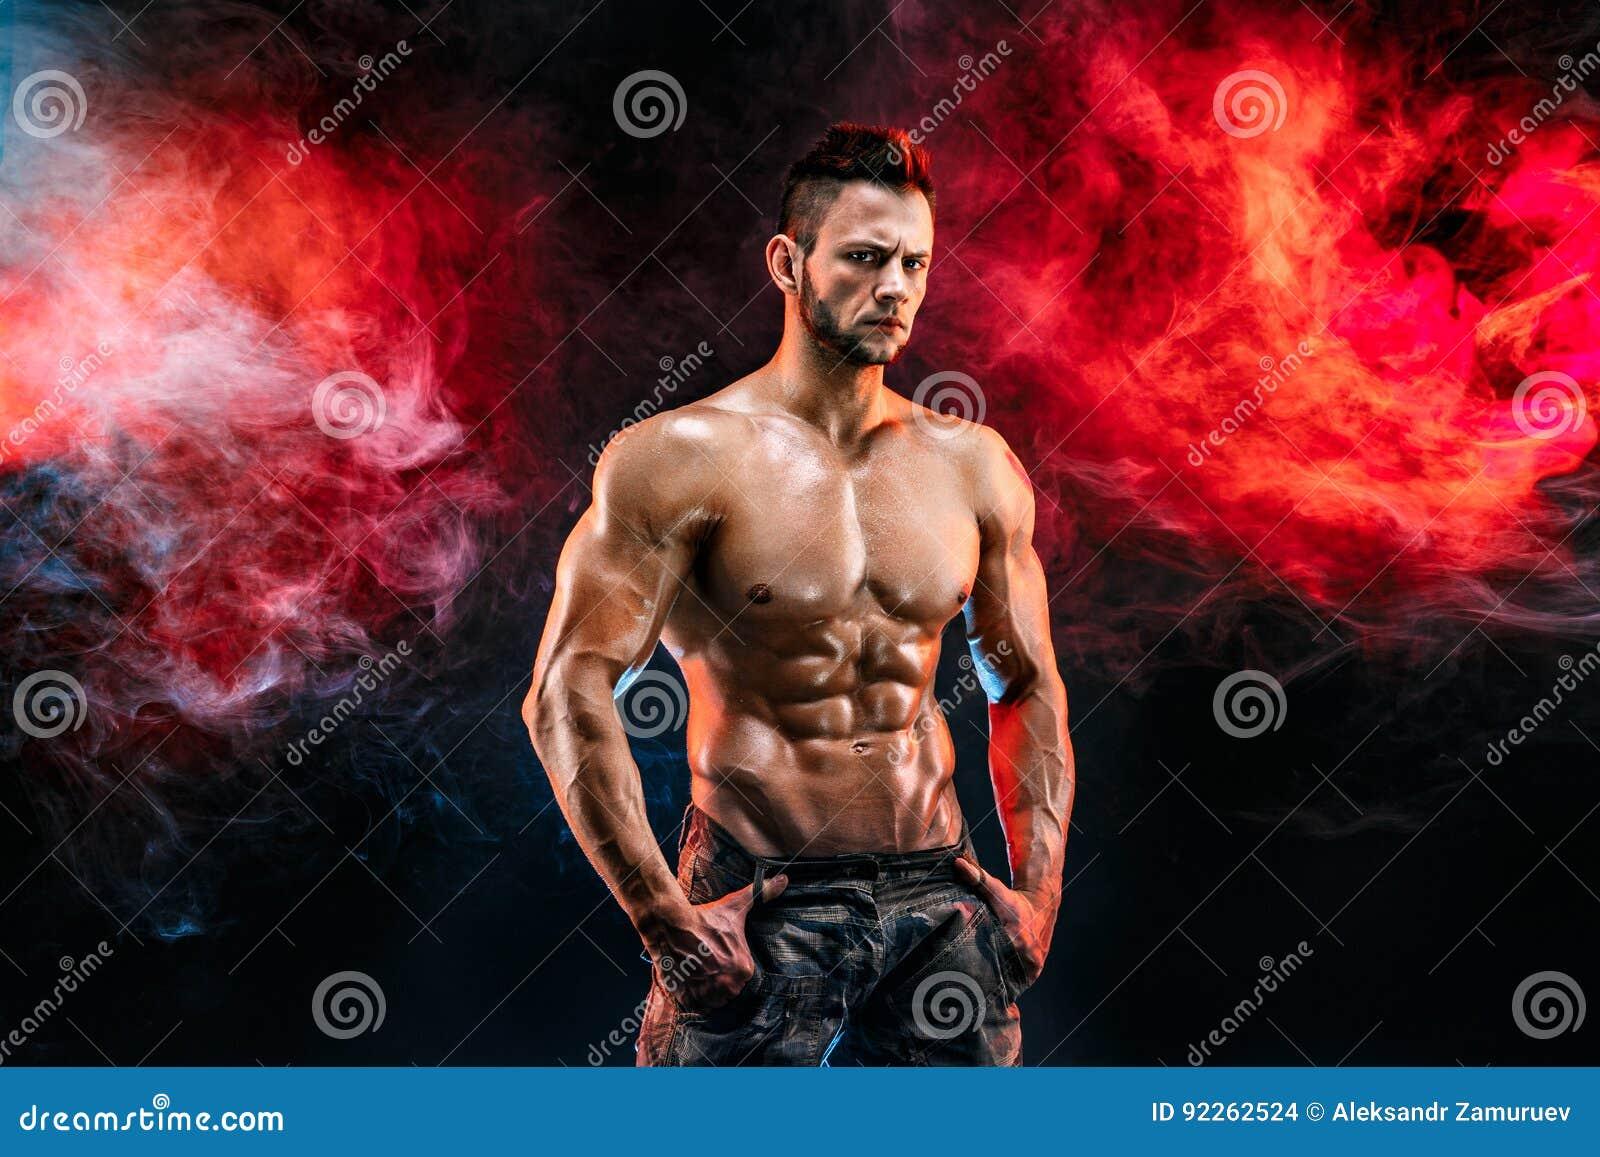 Сильный человек культуриста в воинских брюках с совершенными abs, плечами, бицепсом, трицепсом, комодом